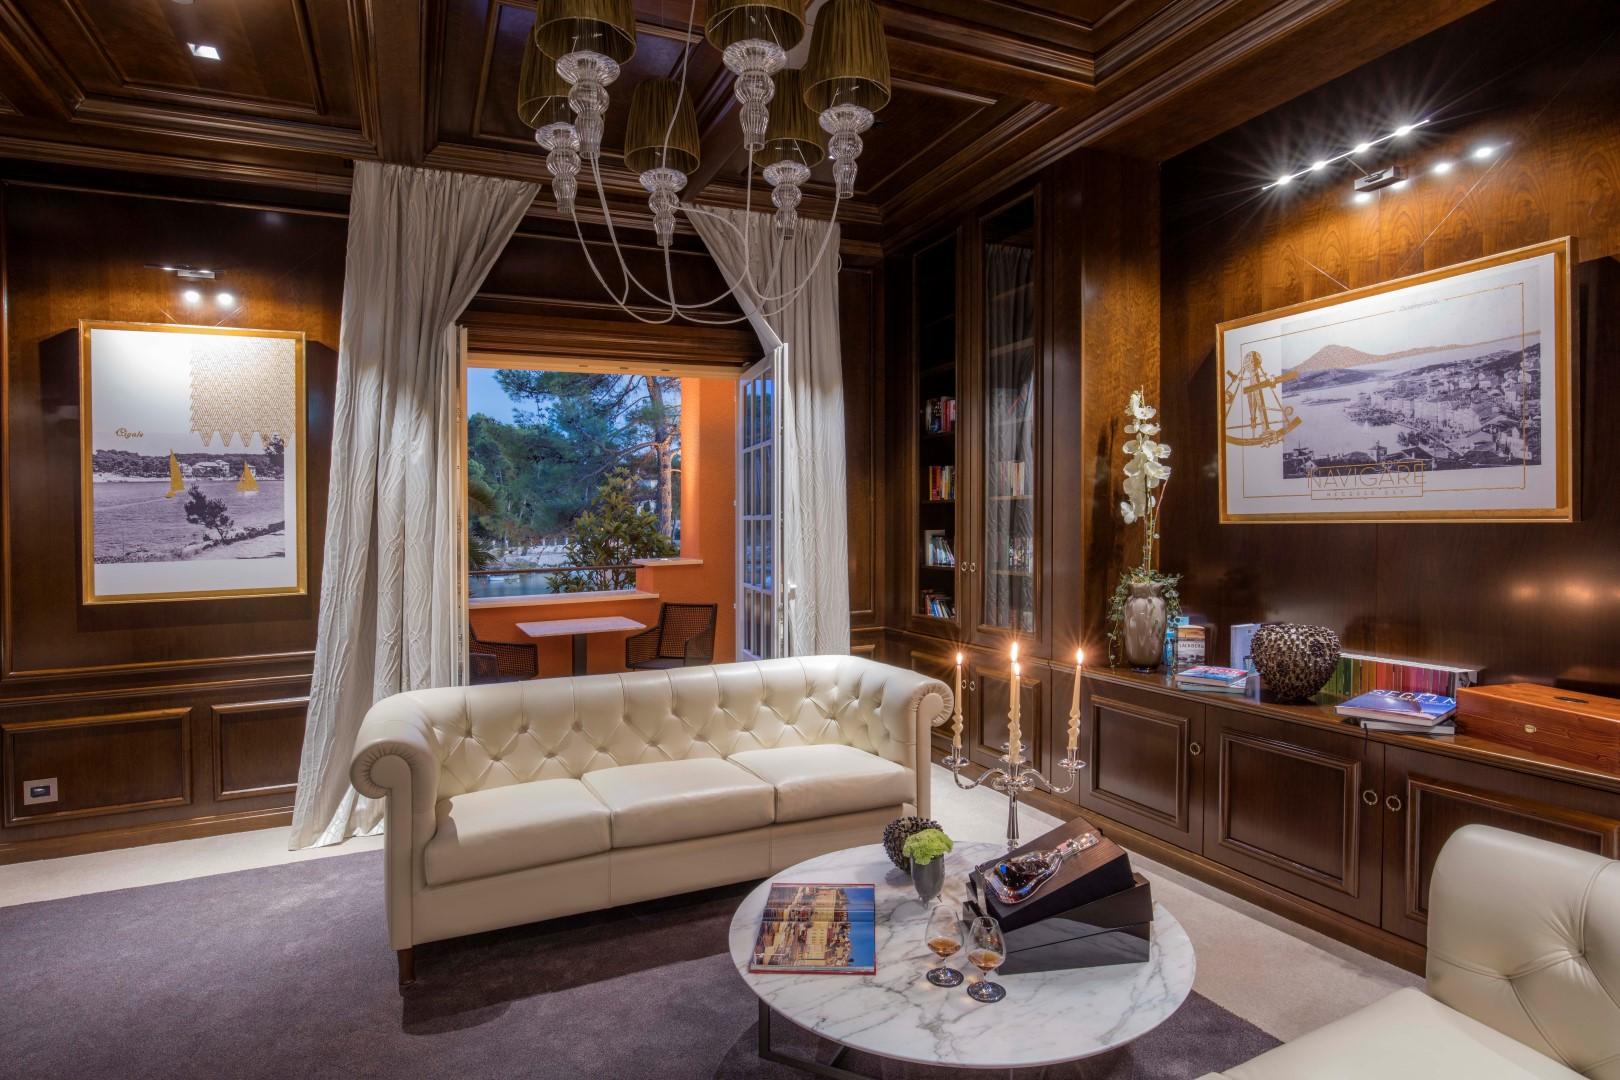 fotografija luksuznog salona hotela